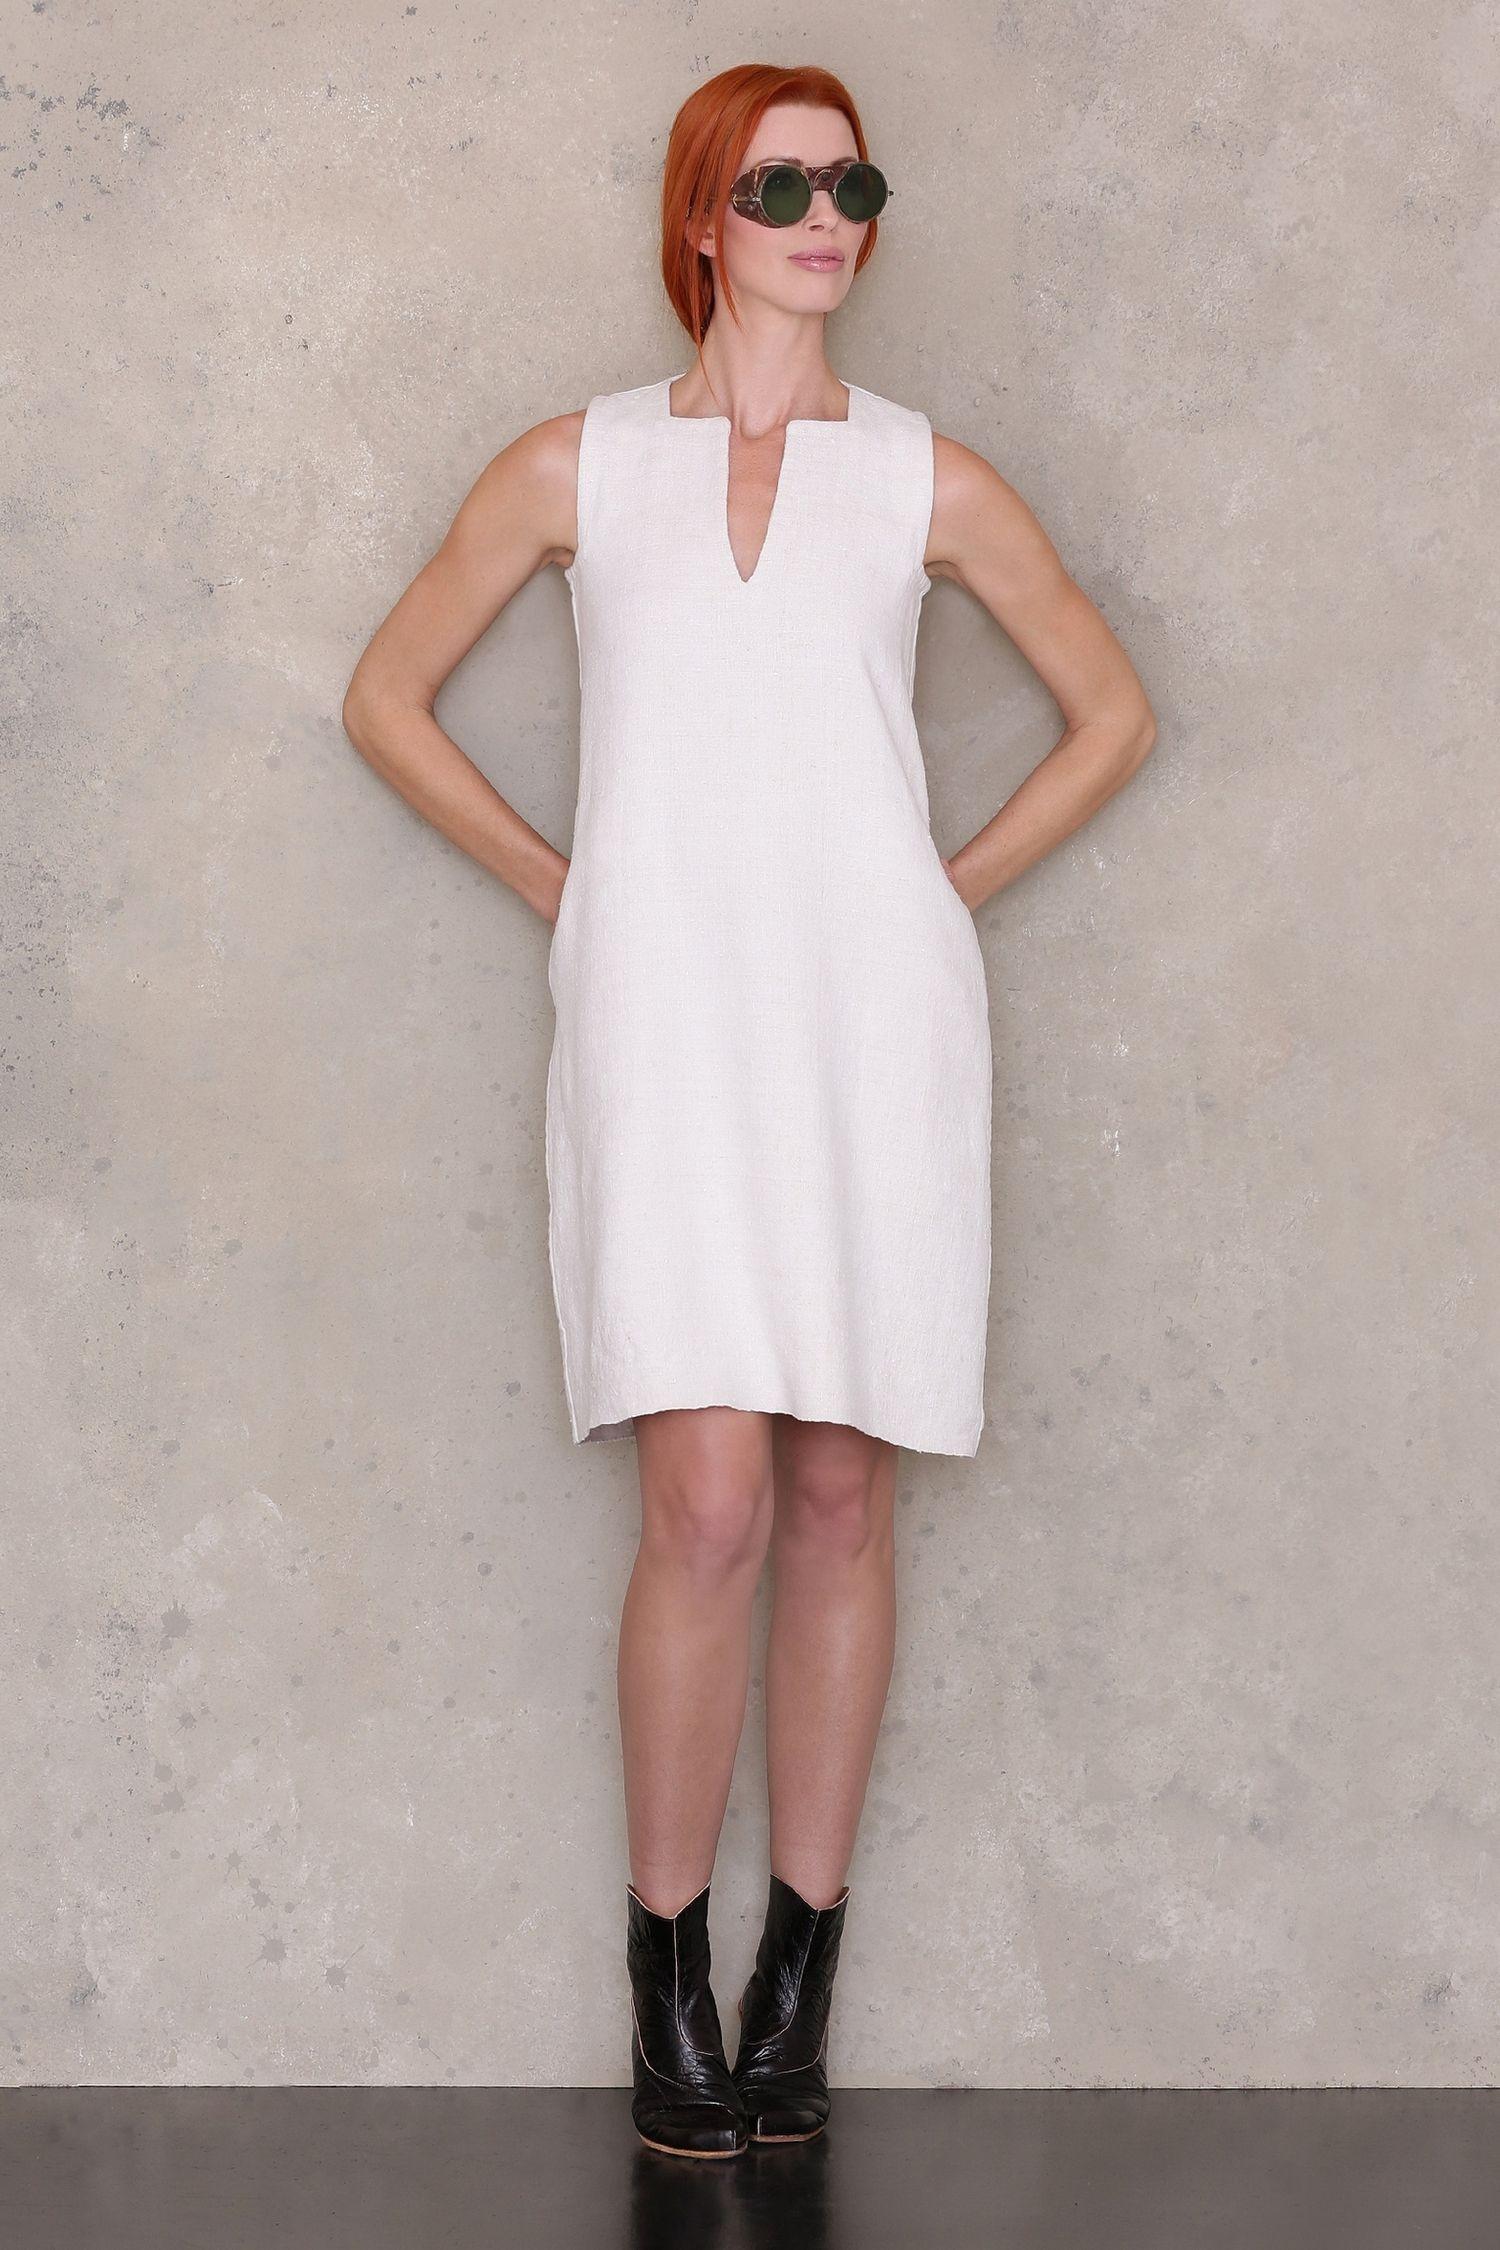 Sleeveless Shift Dress Shift dress pattern, Tunic dress